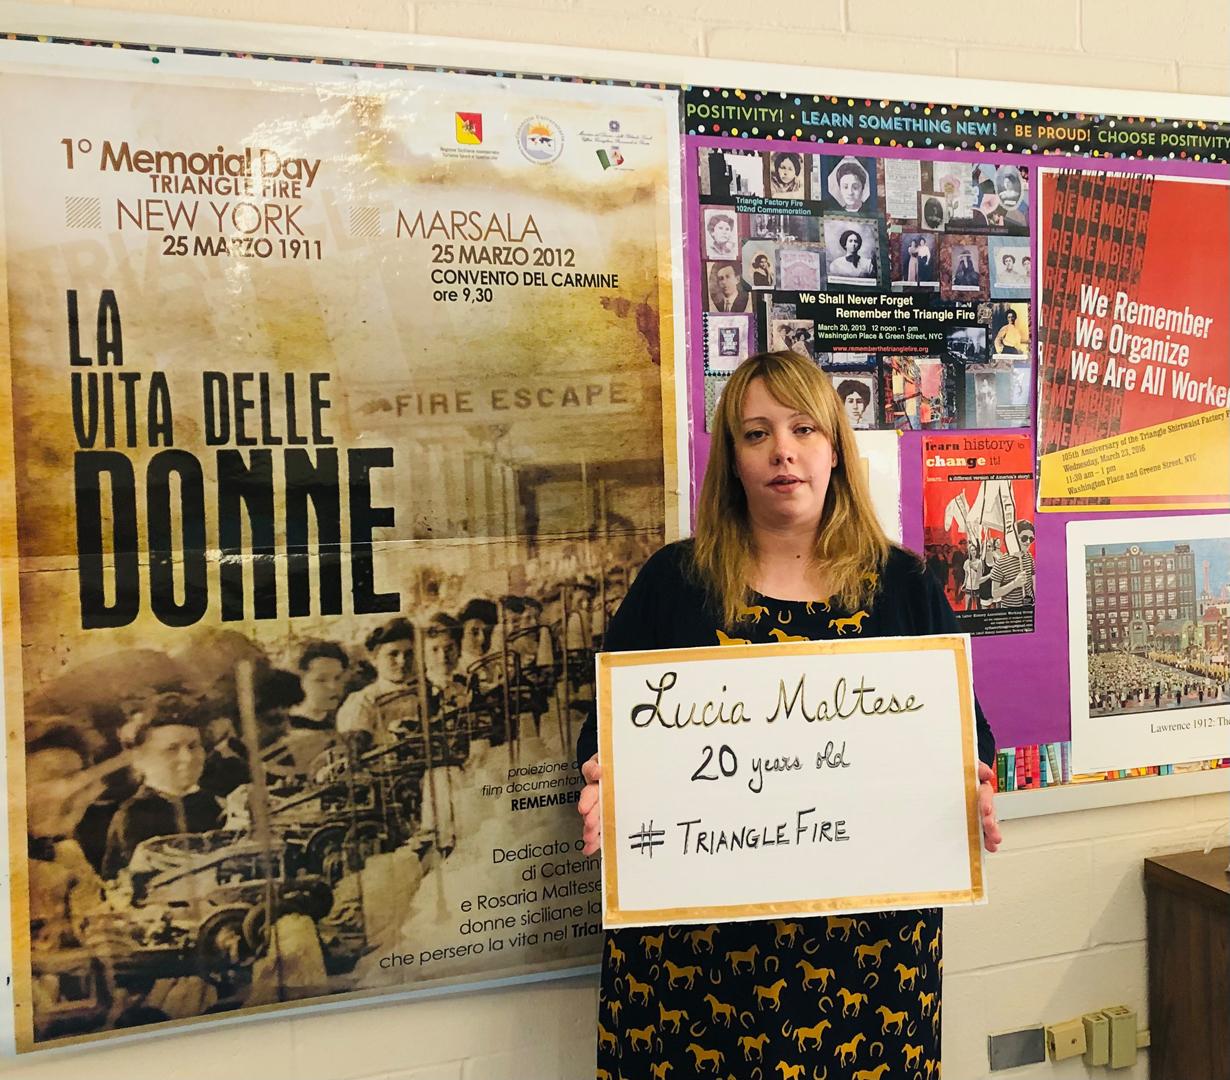 Kimberly Schiller, Teacher, for Lucia Maltese